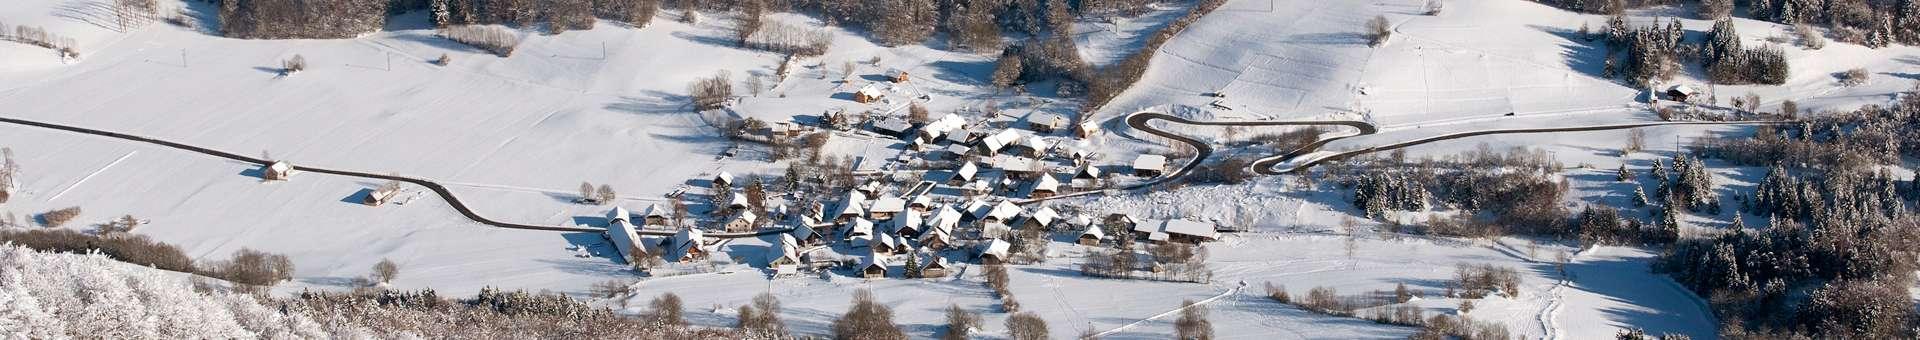 villages-bauges-hiver-916